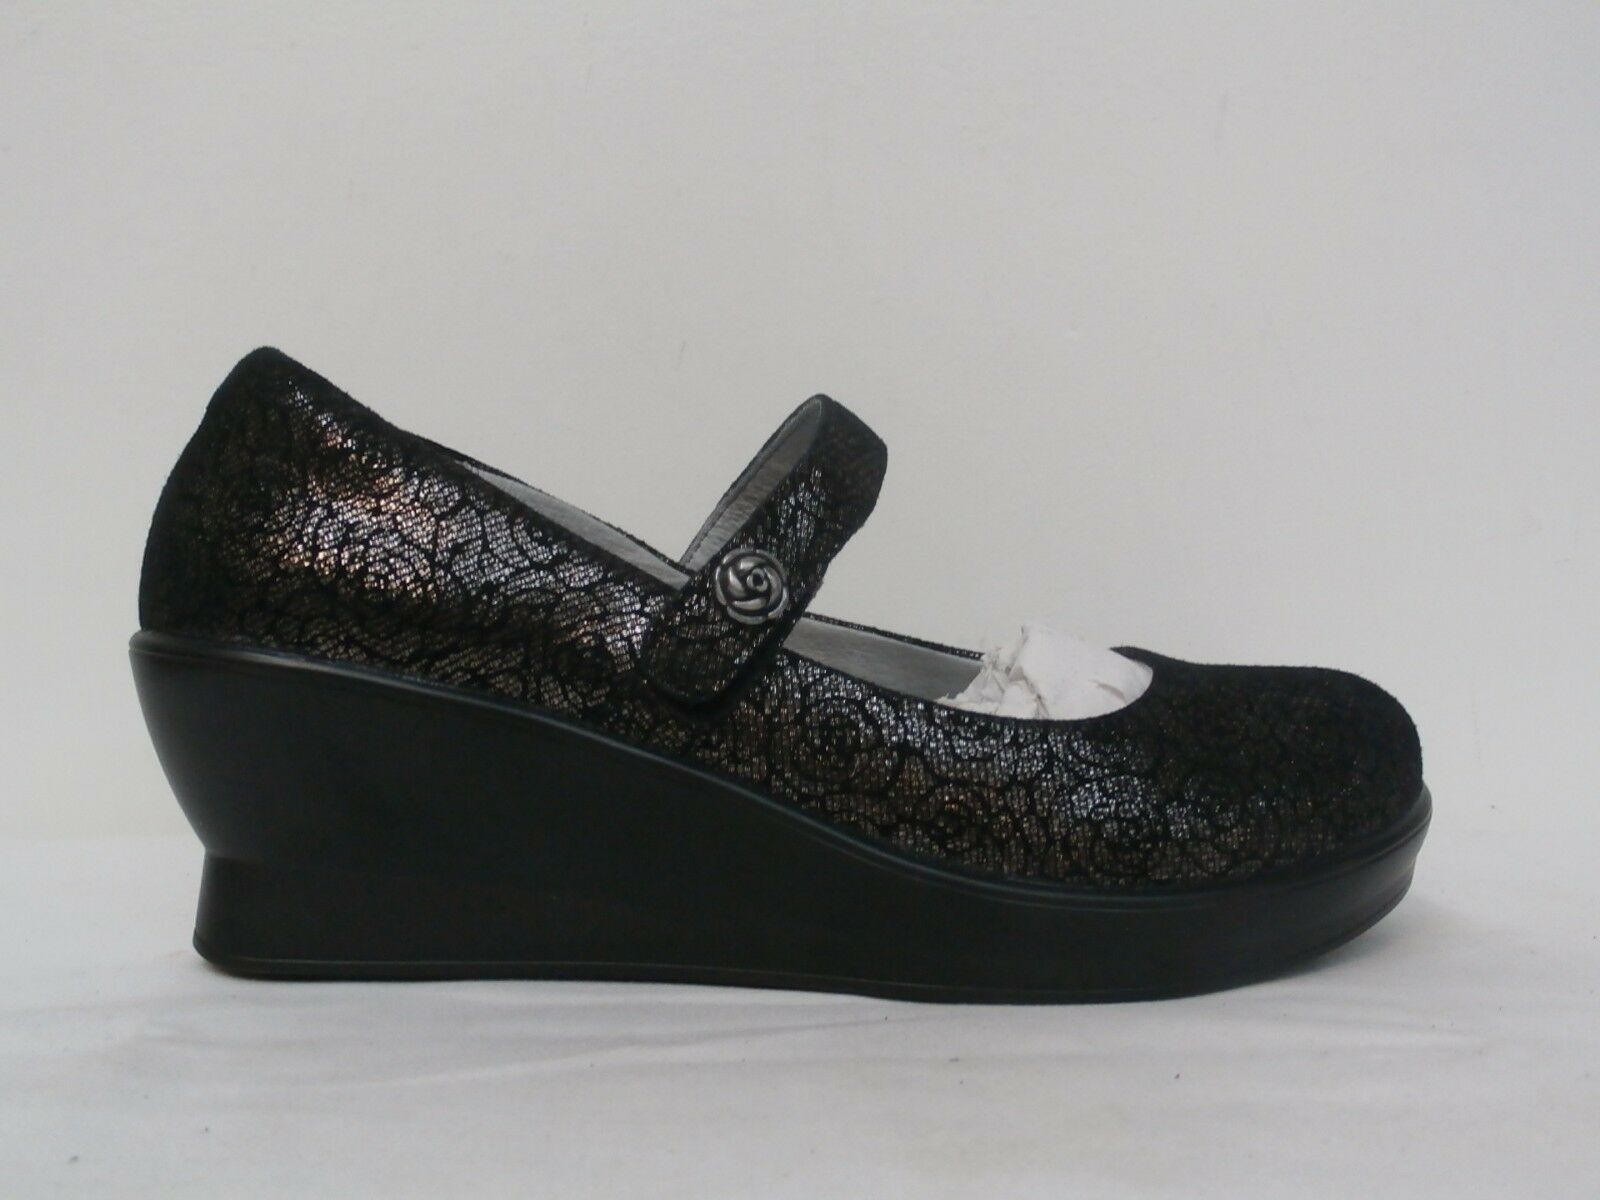 Alegria Leather Mary Janes - Flair PEWTER FLORETTE FLORETTE FLORETTE Size 11 US 191bf9